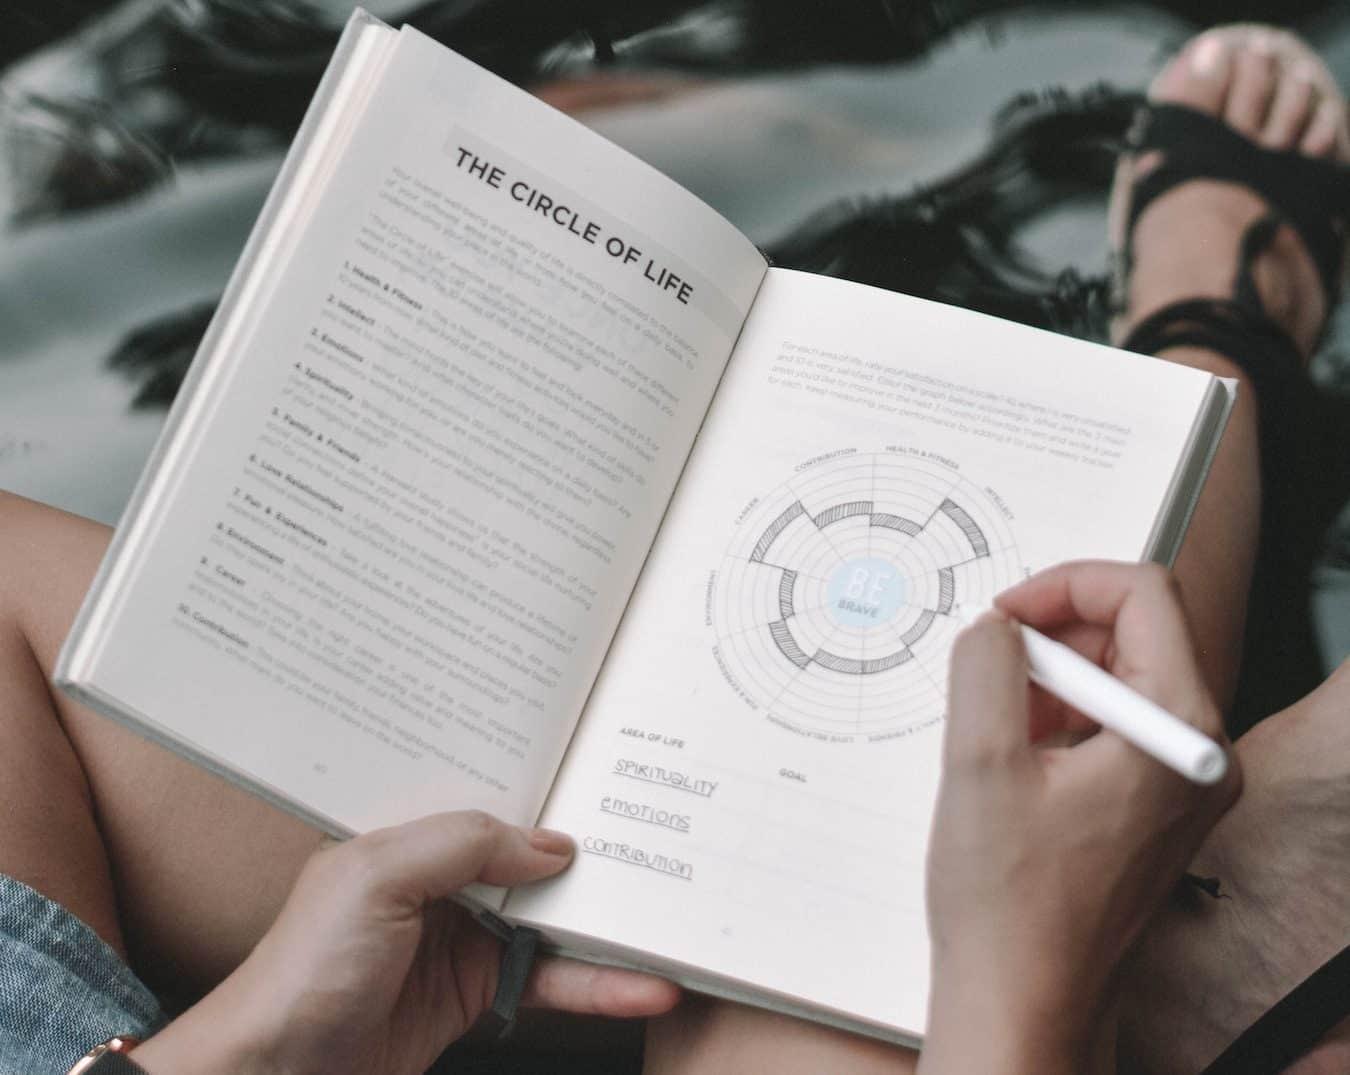 Mən kitab oxumağı sevmirəm. Kitab oxumaq mənlik deyil. Kitab oxumaq  mənasız məşğuliyyətdir.